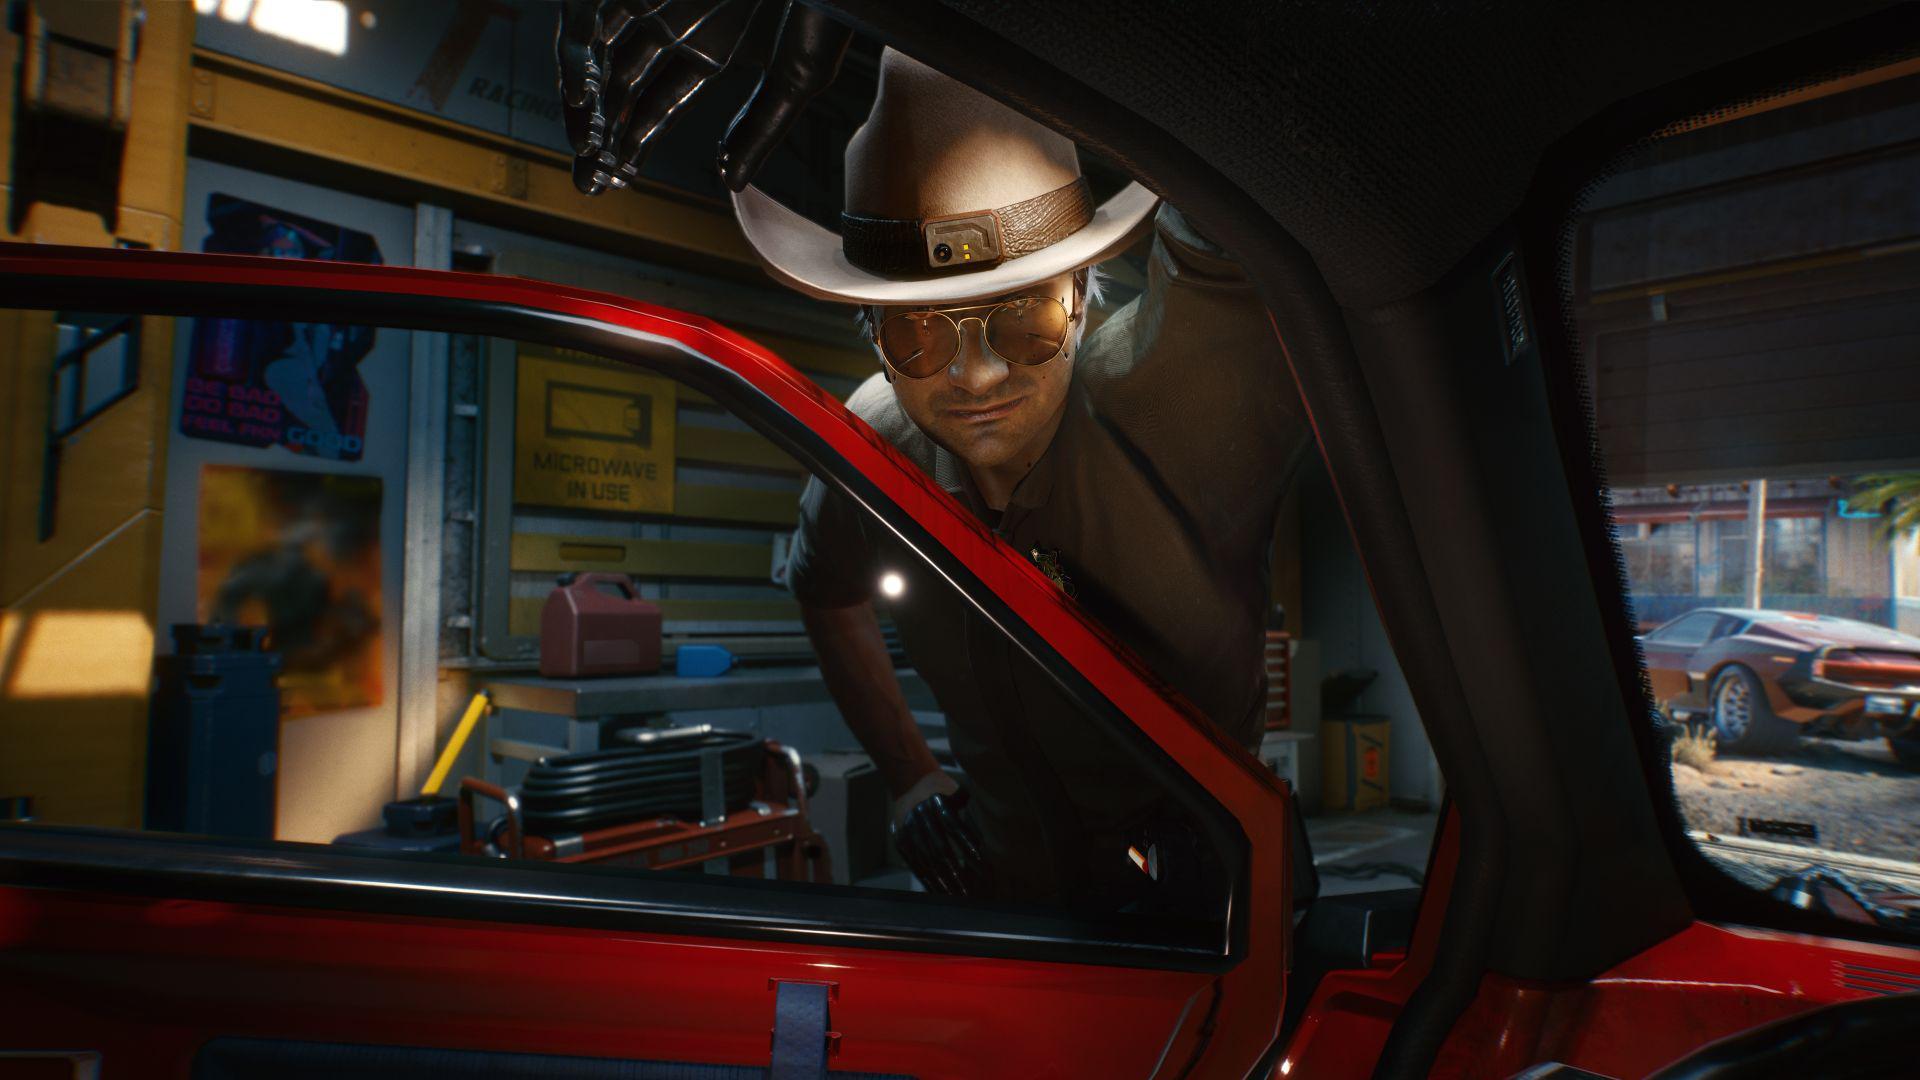 《賽博朋克2077》主角在對話中可以環顧四周 規避潛在危險